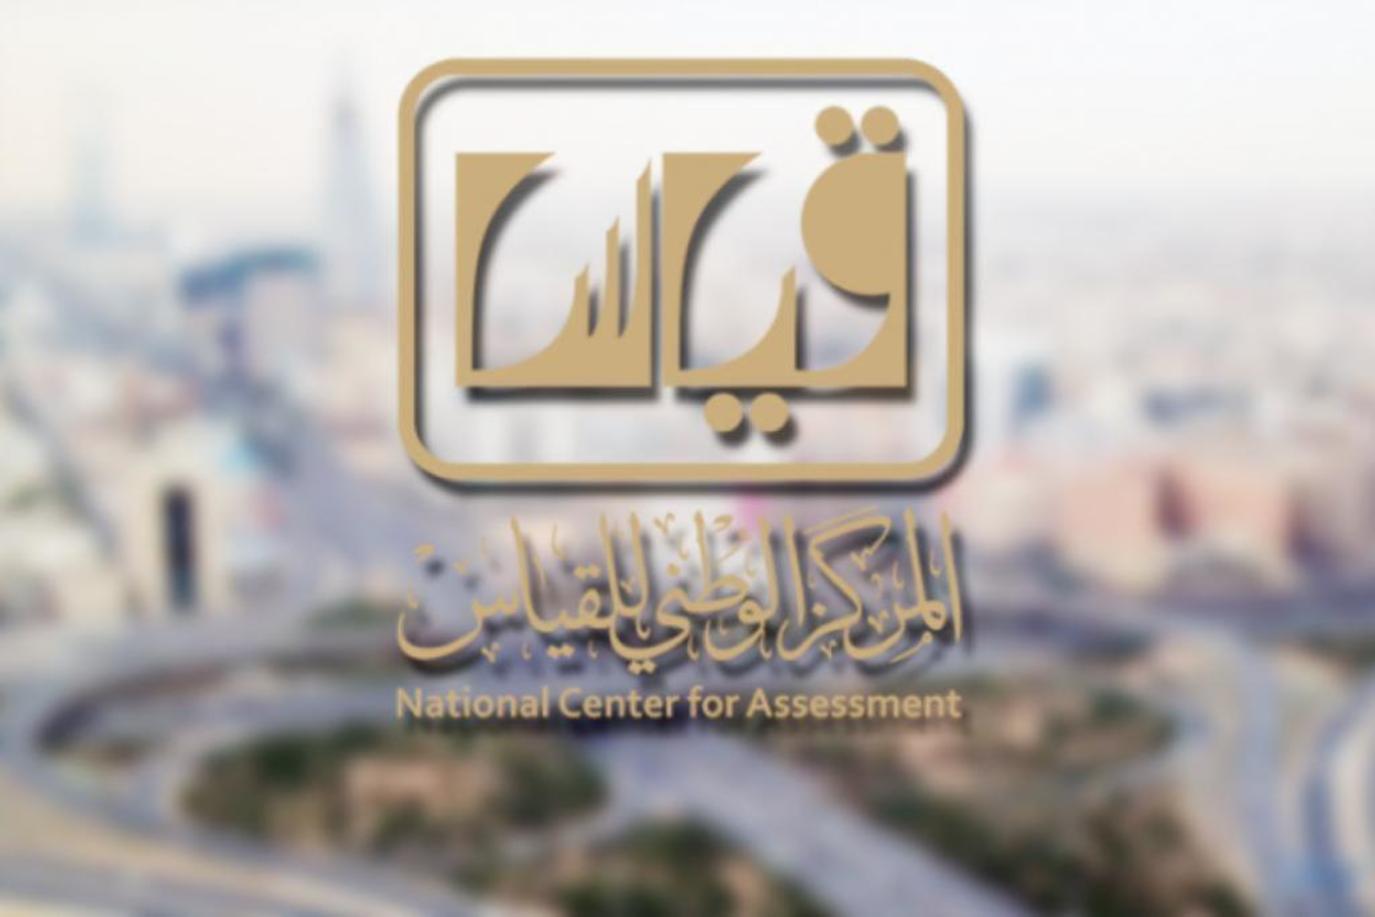 تنسيق المغتربين في السعودية.. المركز الوطني للقياس